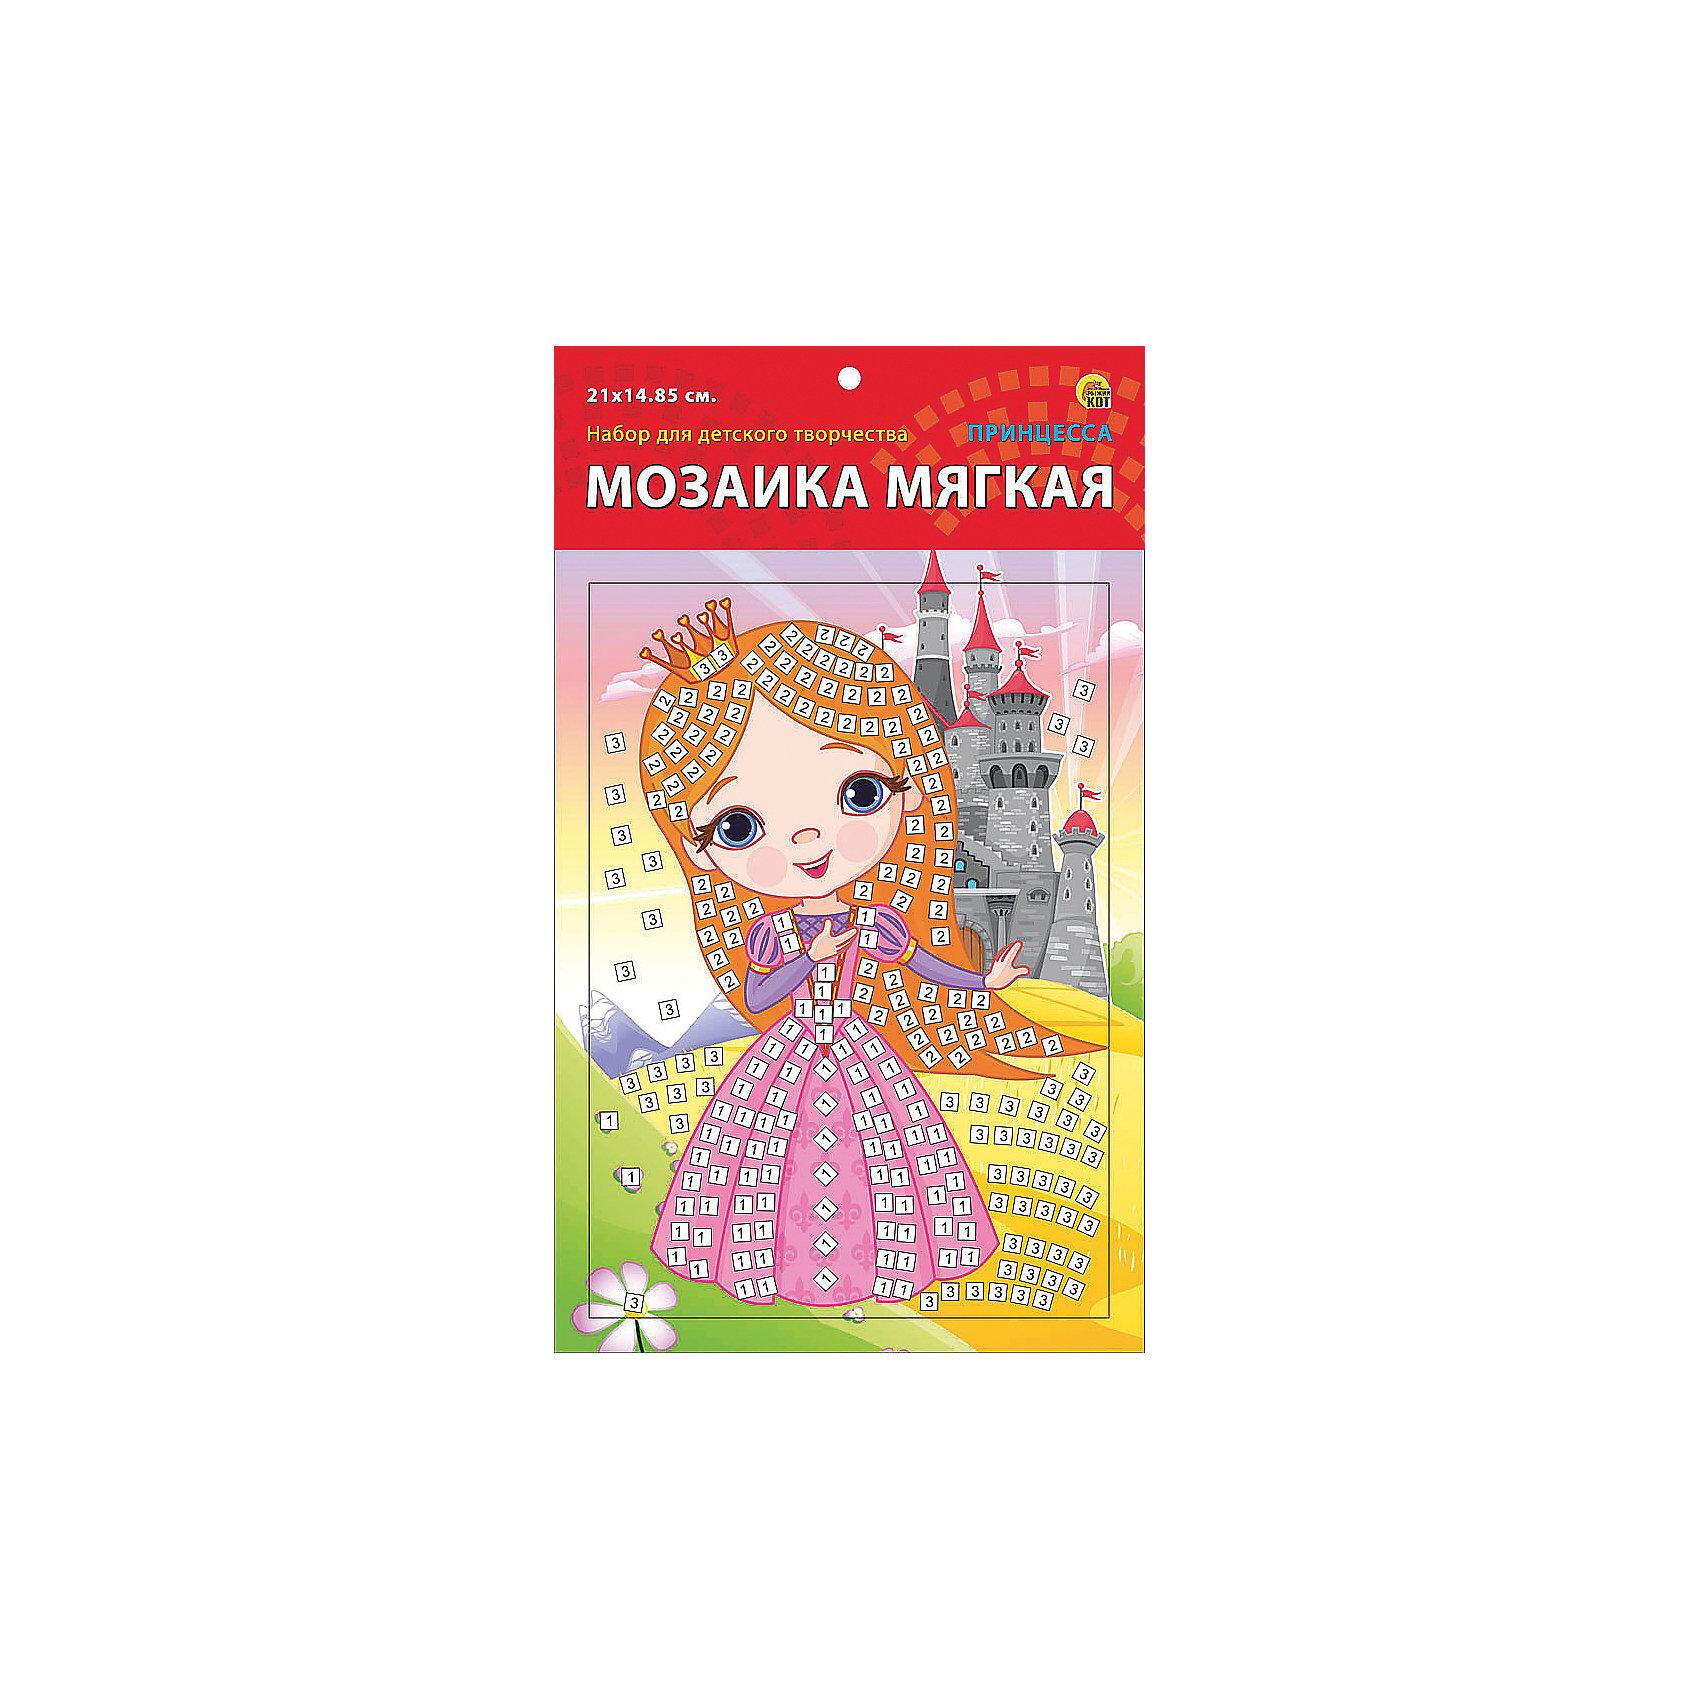 Издательство Рыжий кот Мягкая мозаика Принцесса формат А5 (21х15 см) издательство рыжий кот мягкая мозаика обезьянка формат а5 21х15 см